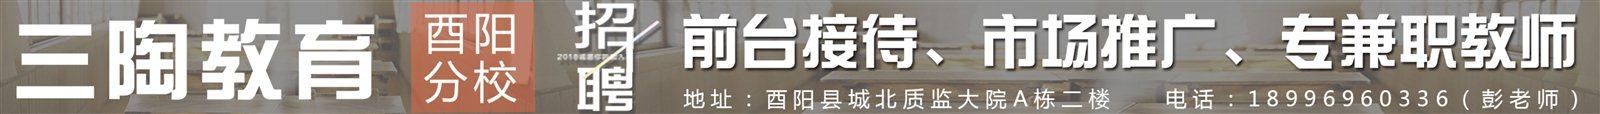 三陶教育酉�分校